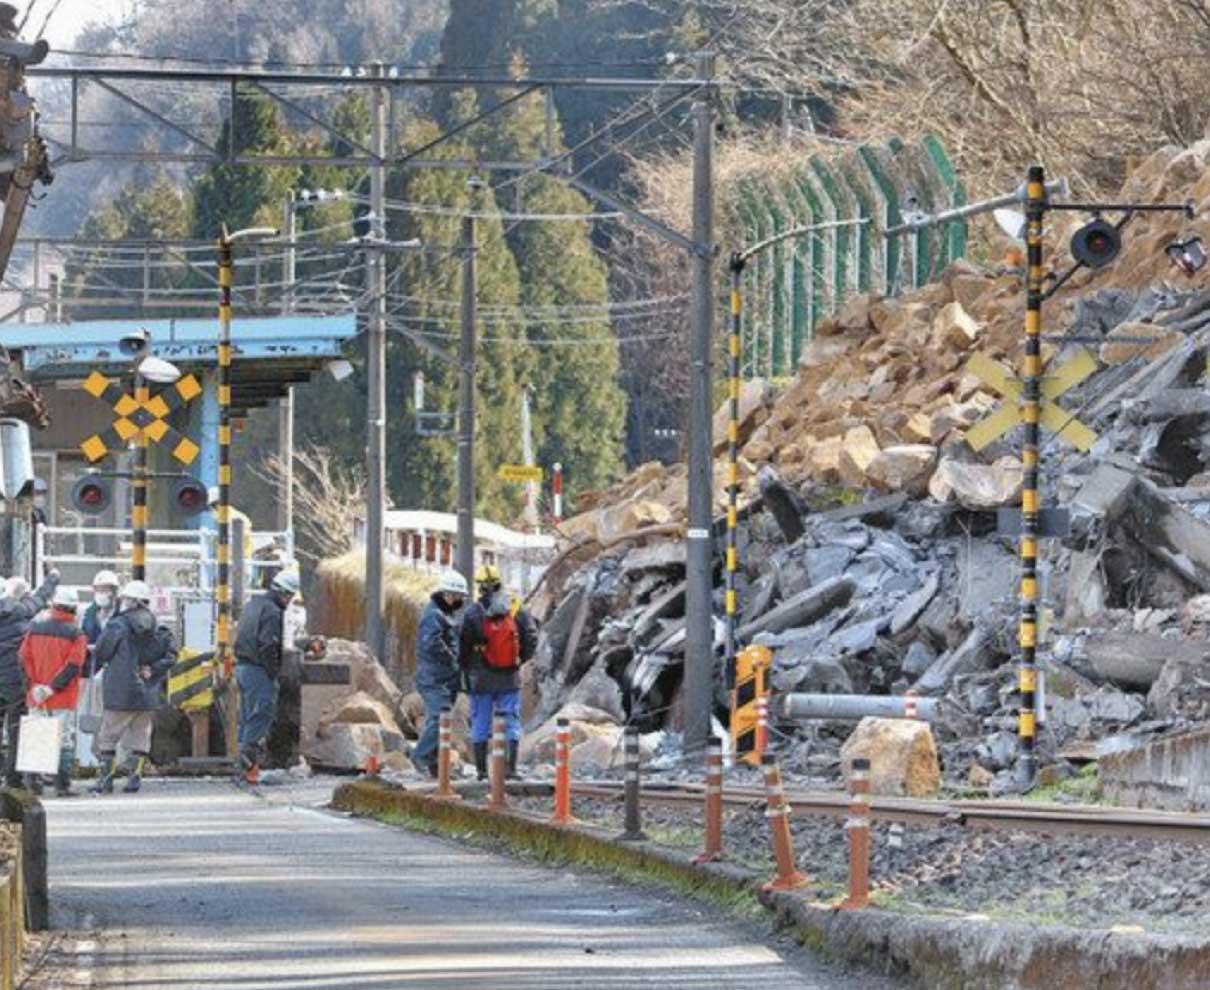 土砂崩れ えち鉄 復旧見通し立たず 県道の通行止めも続く